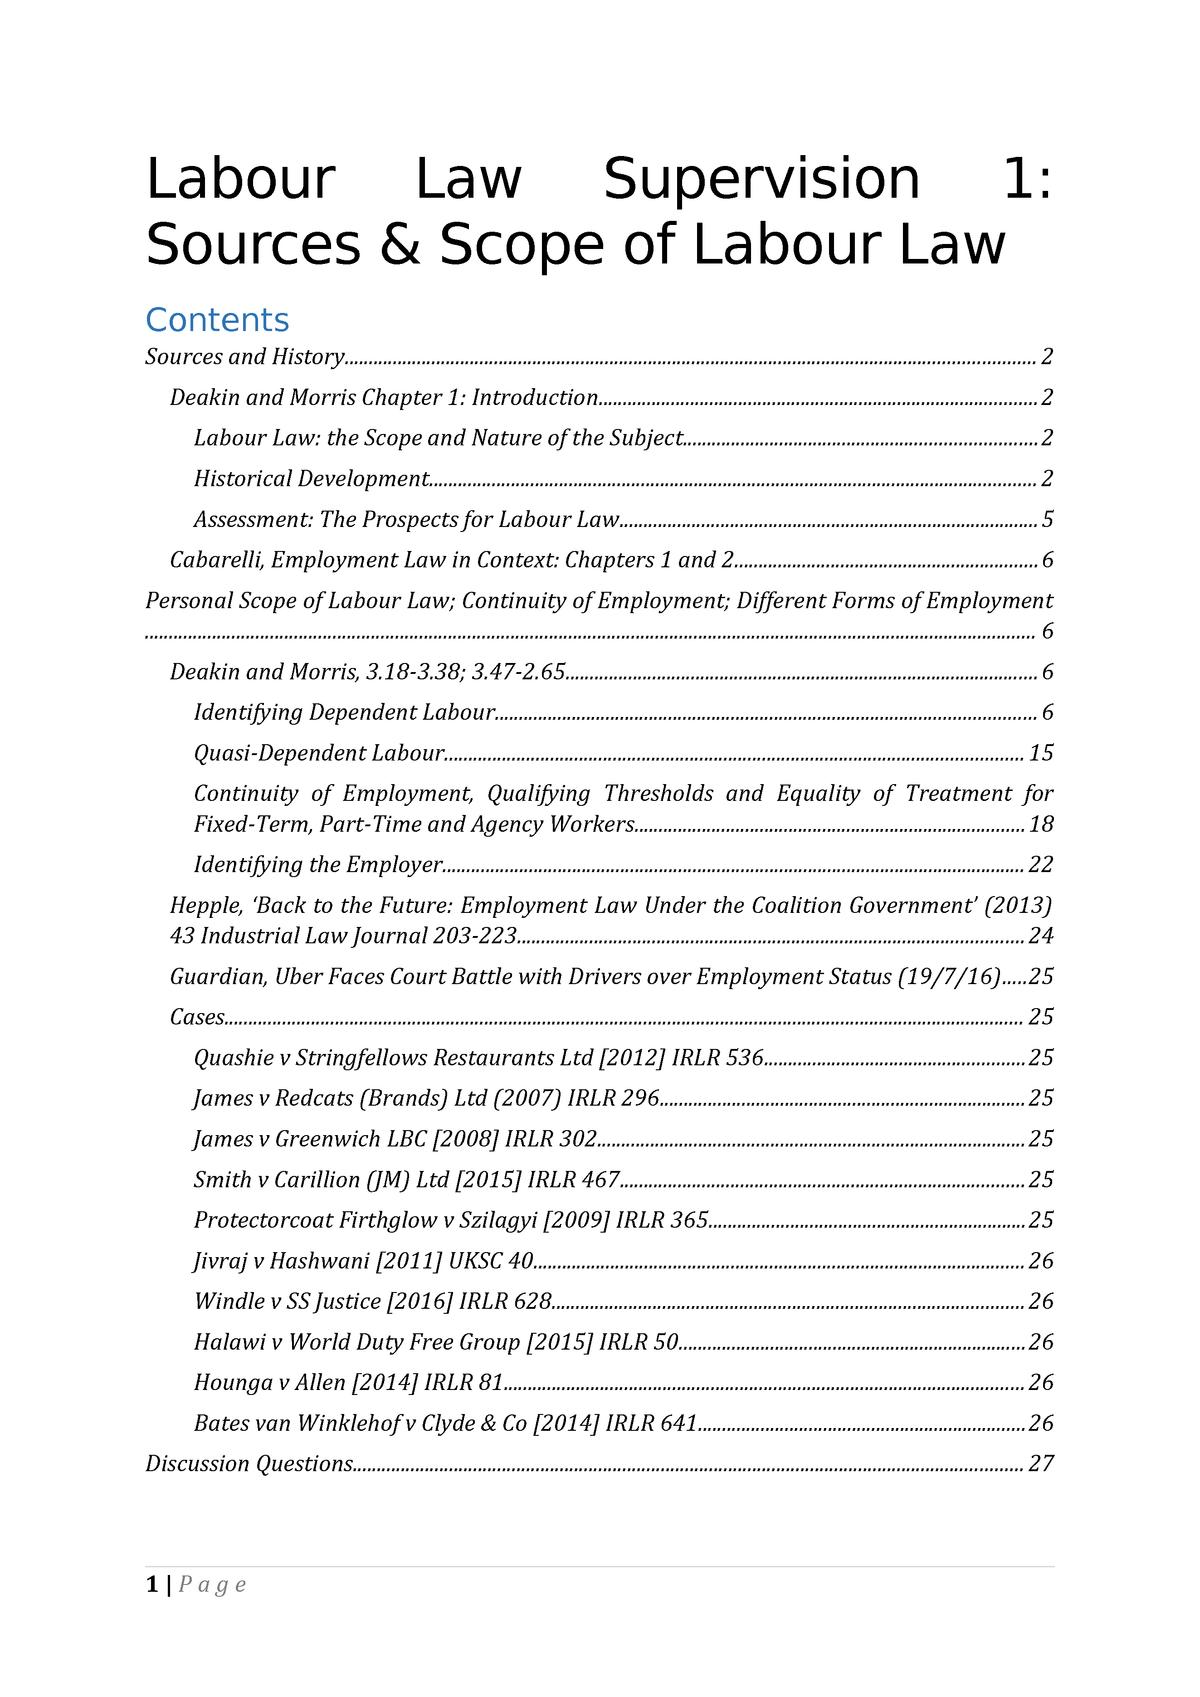 Labour Law notes Supervsion 1 - Law L100 - StuDocu